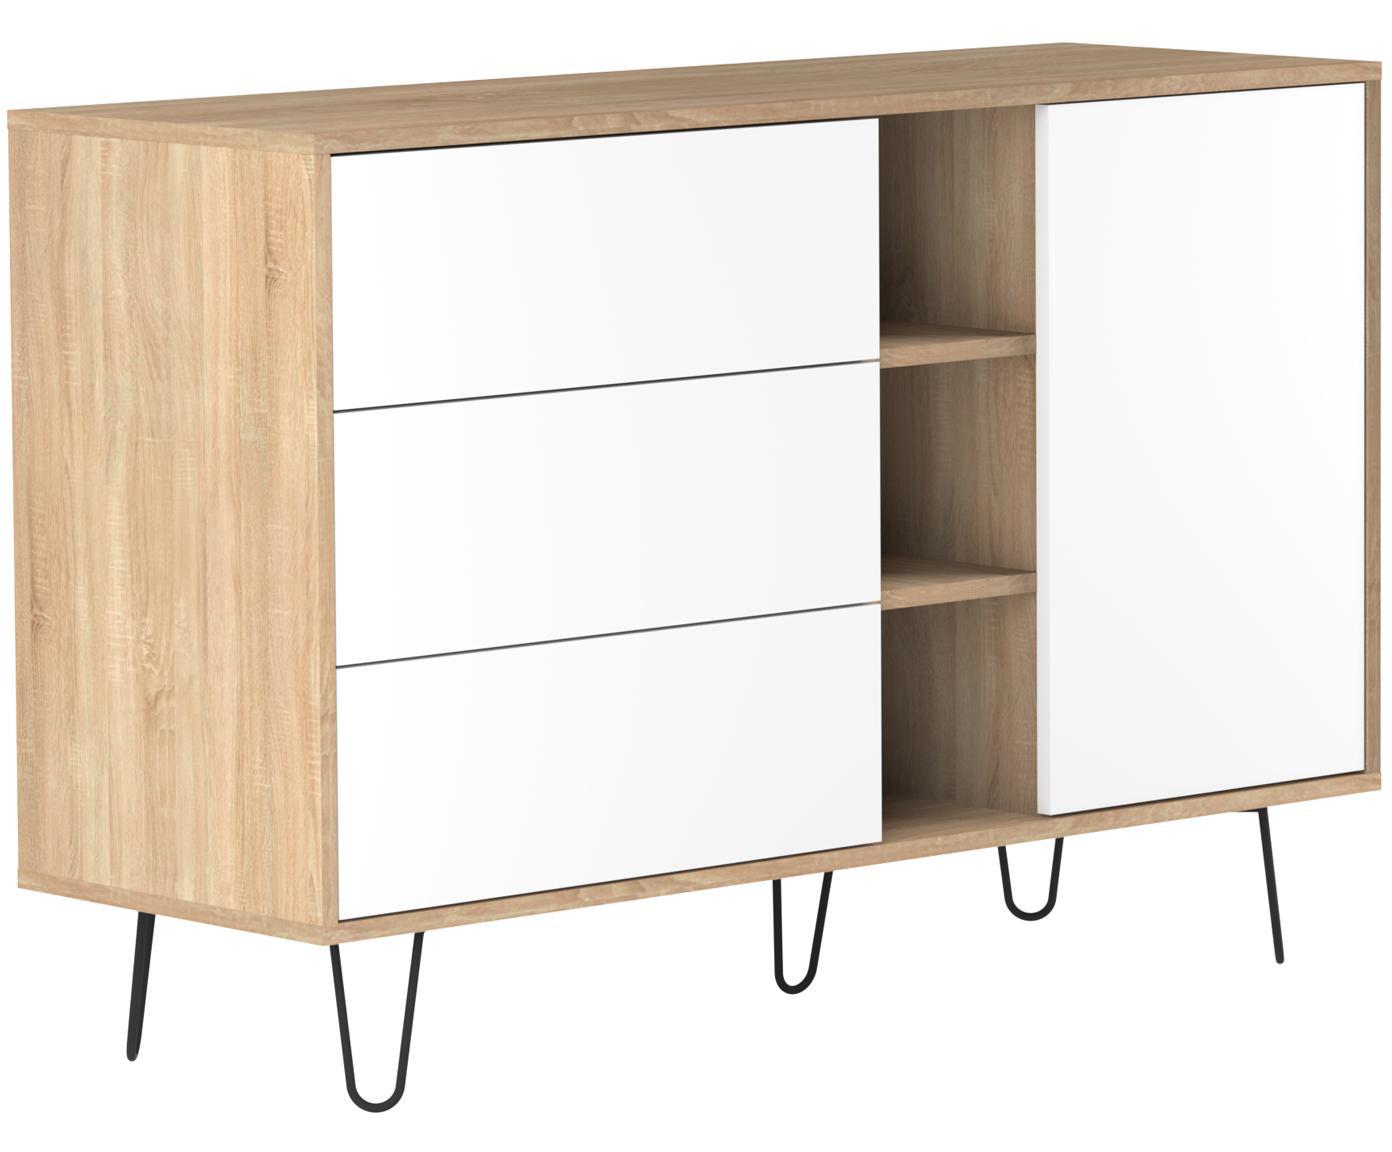 Design dressoir Aero met lades, Frame: spaanplaat, melamine bekl, Poten: gelakt metaal, Eikenhoutkleurig, wit, 120 x 80 cm